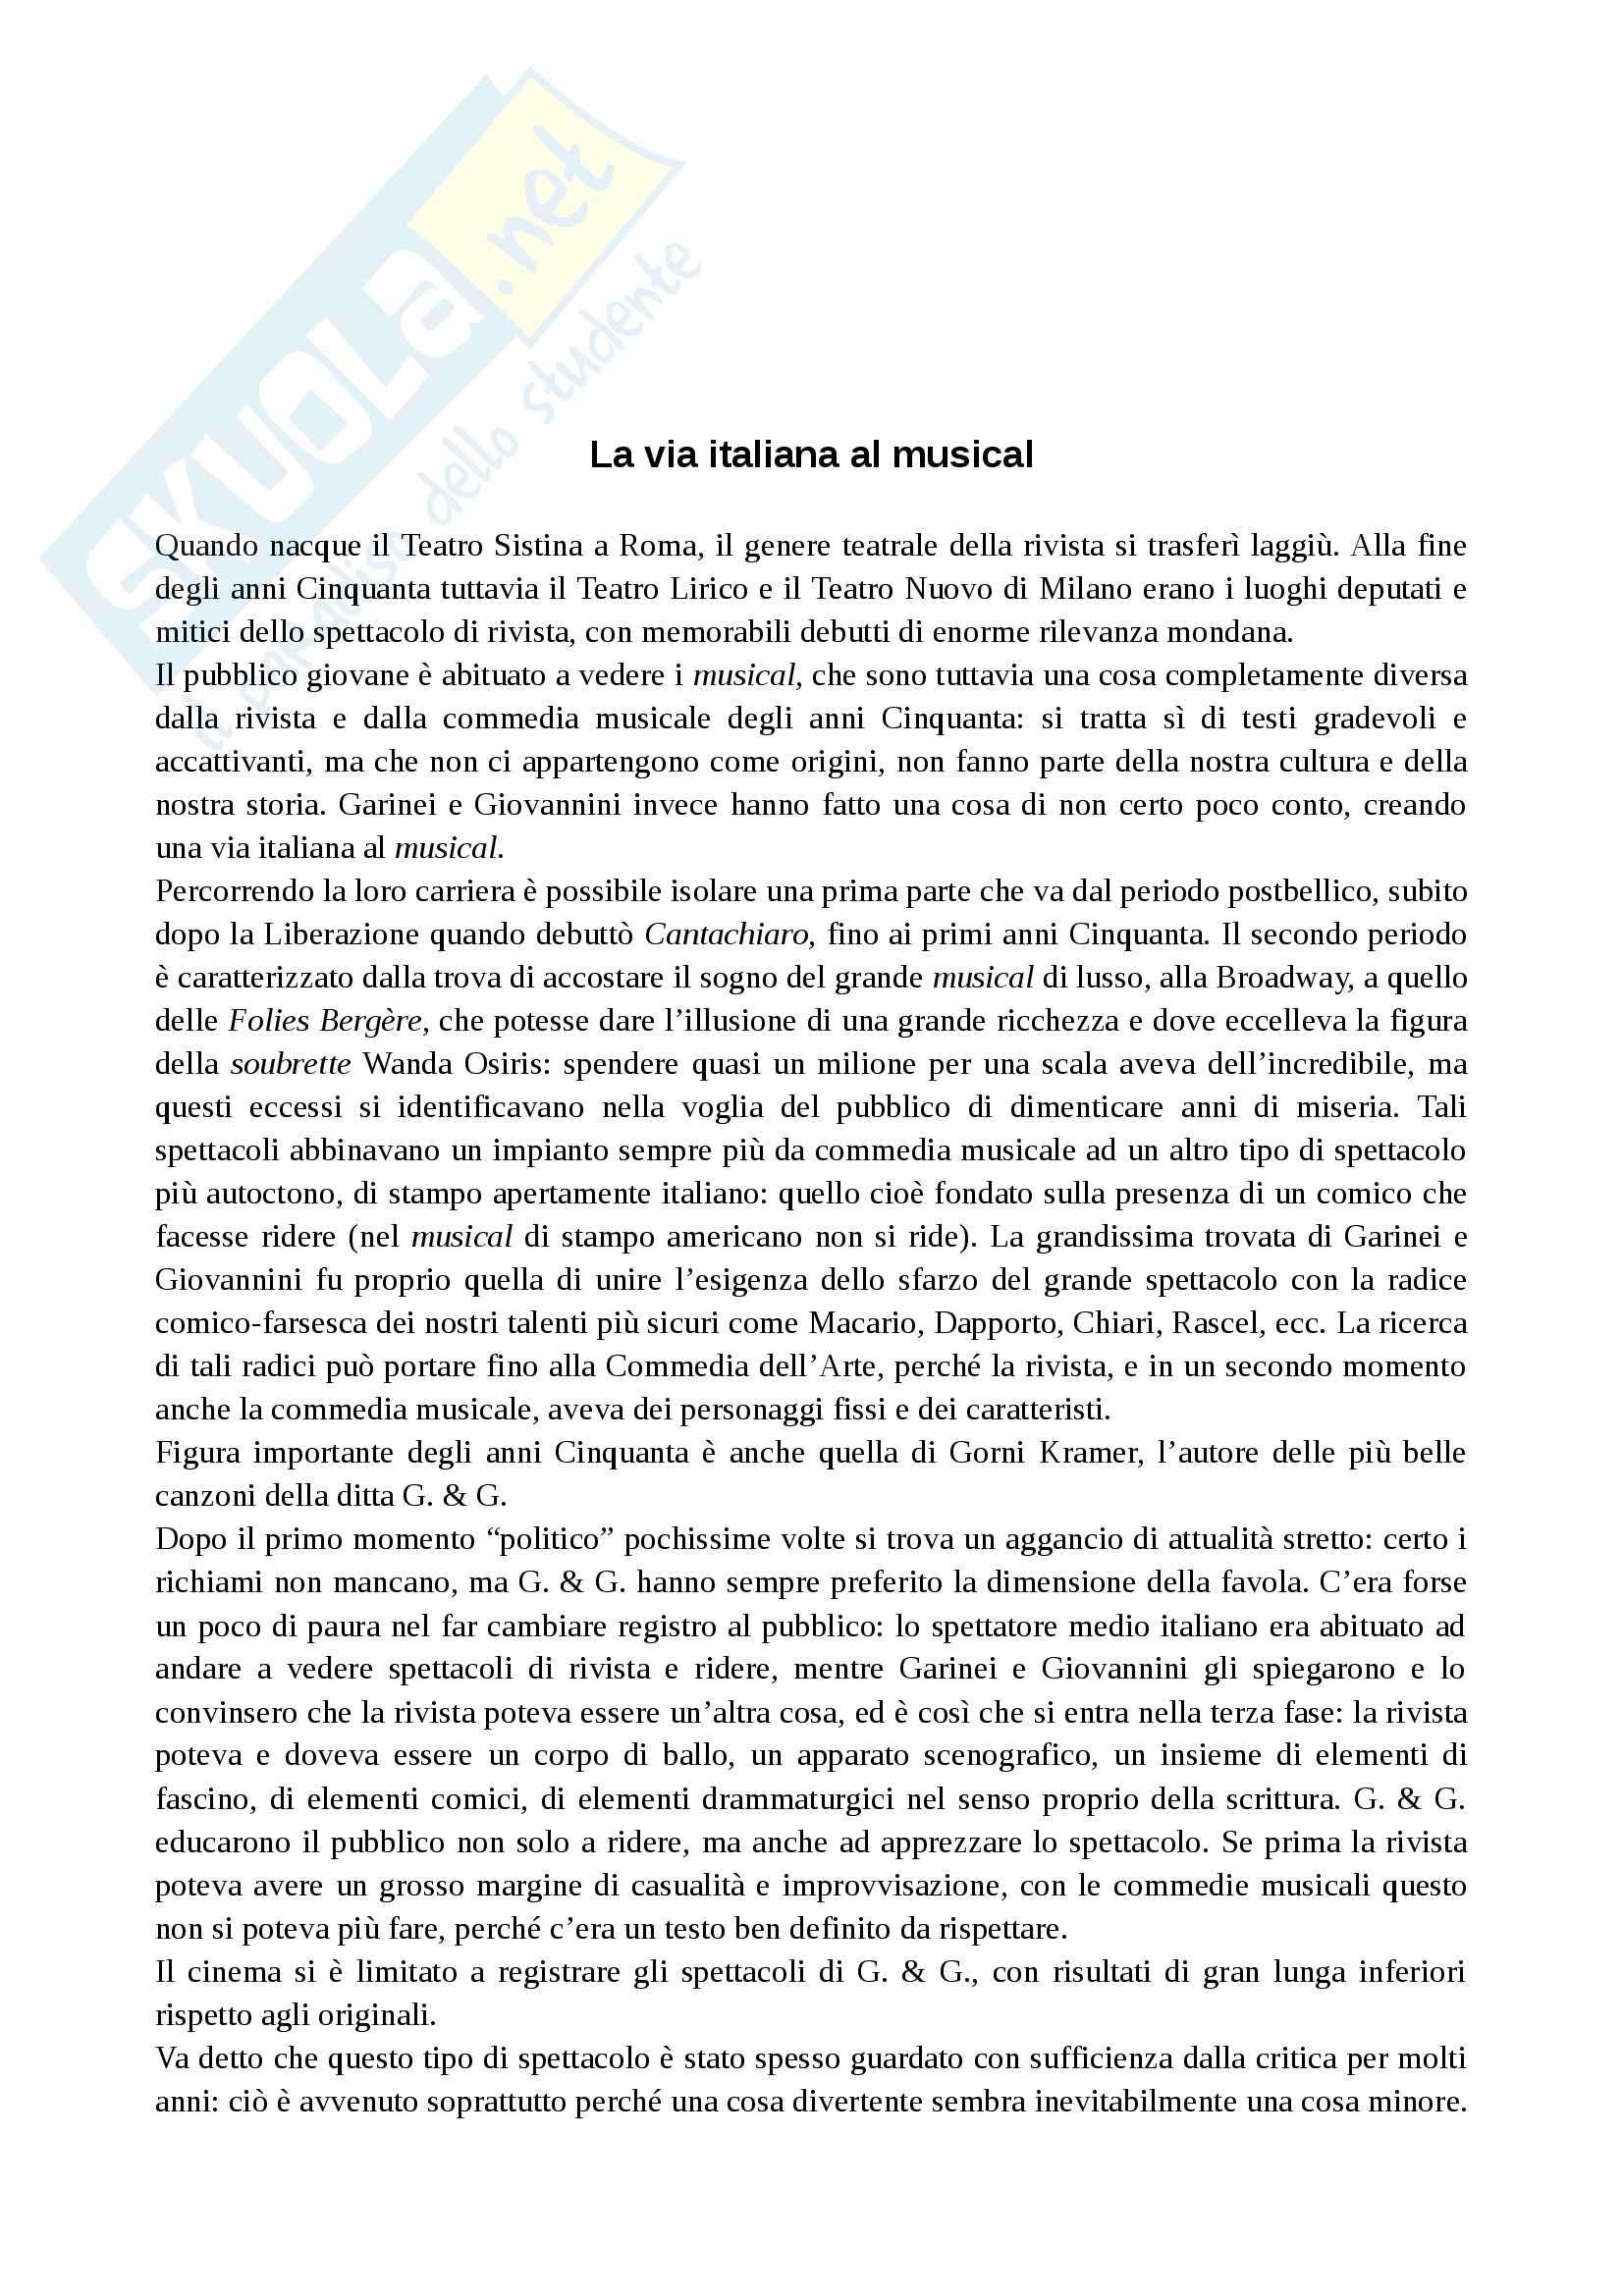 Riassunto esame Spettacolo, prof. Porro, libro consigliato Teatro di Garinei e Giovannini, Bulzoni